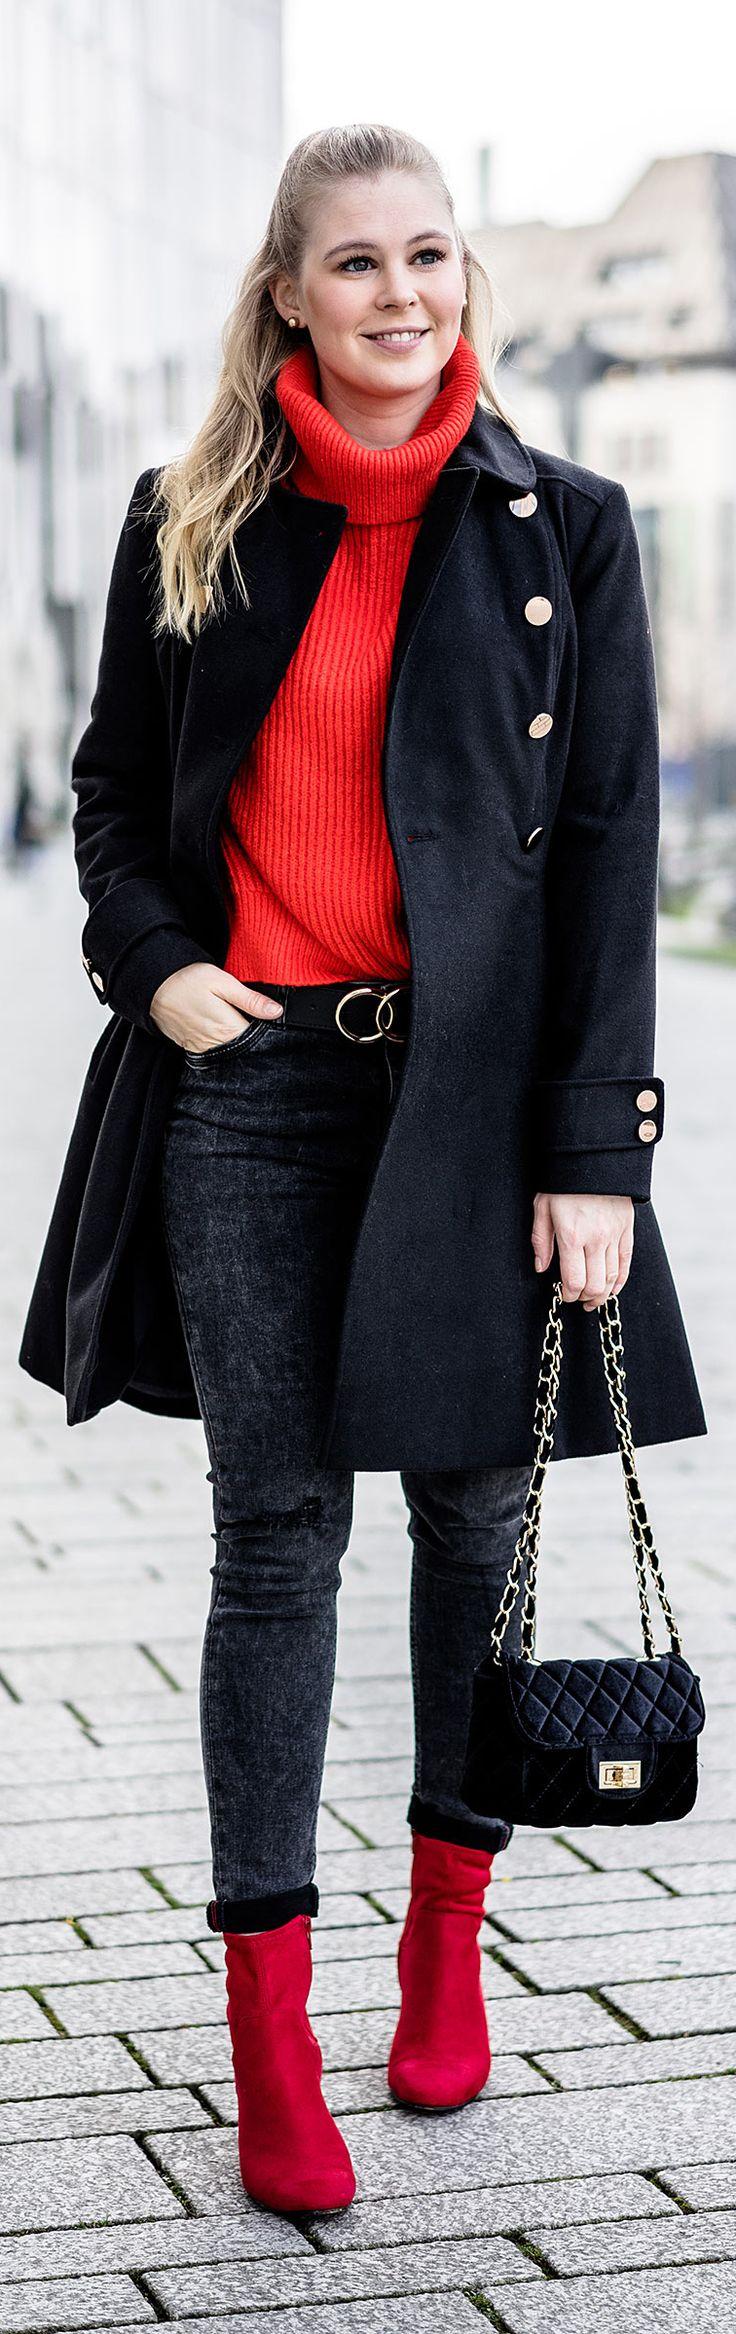 Rote Schuhe kombinieren – So geht's!